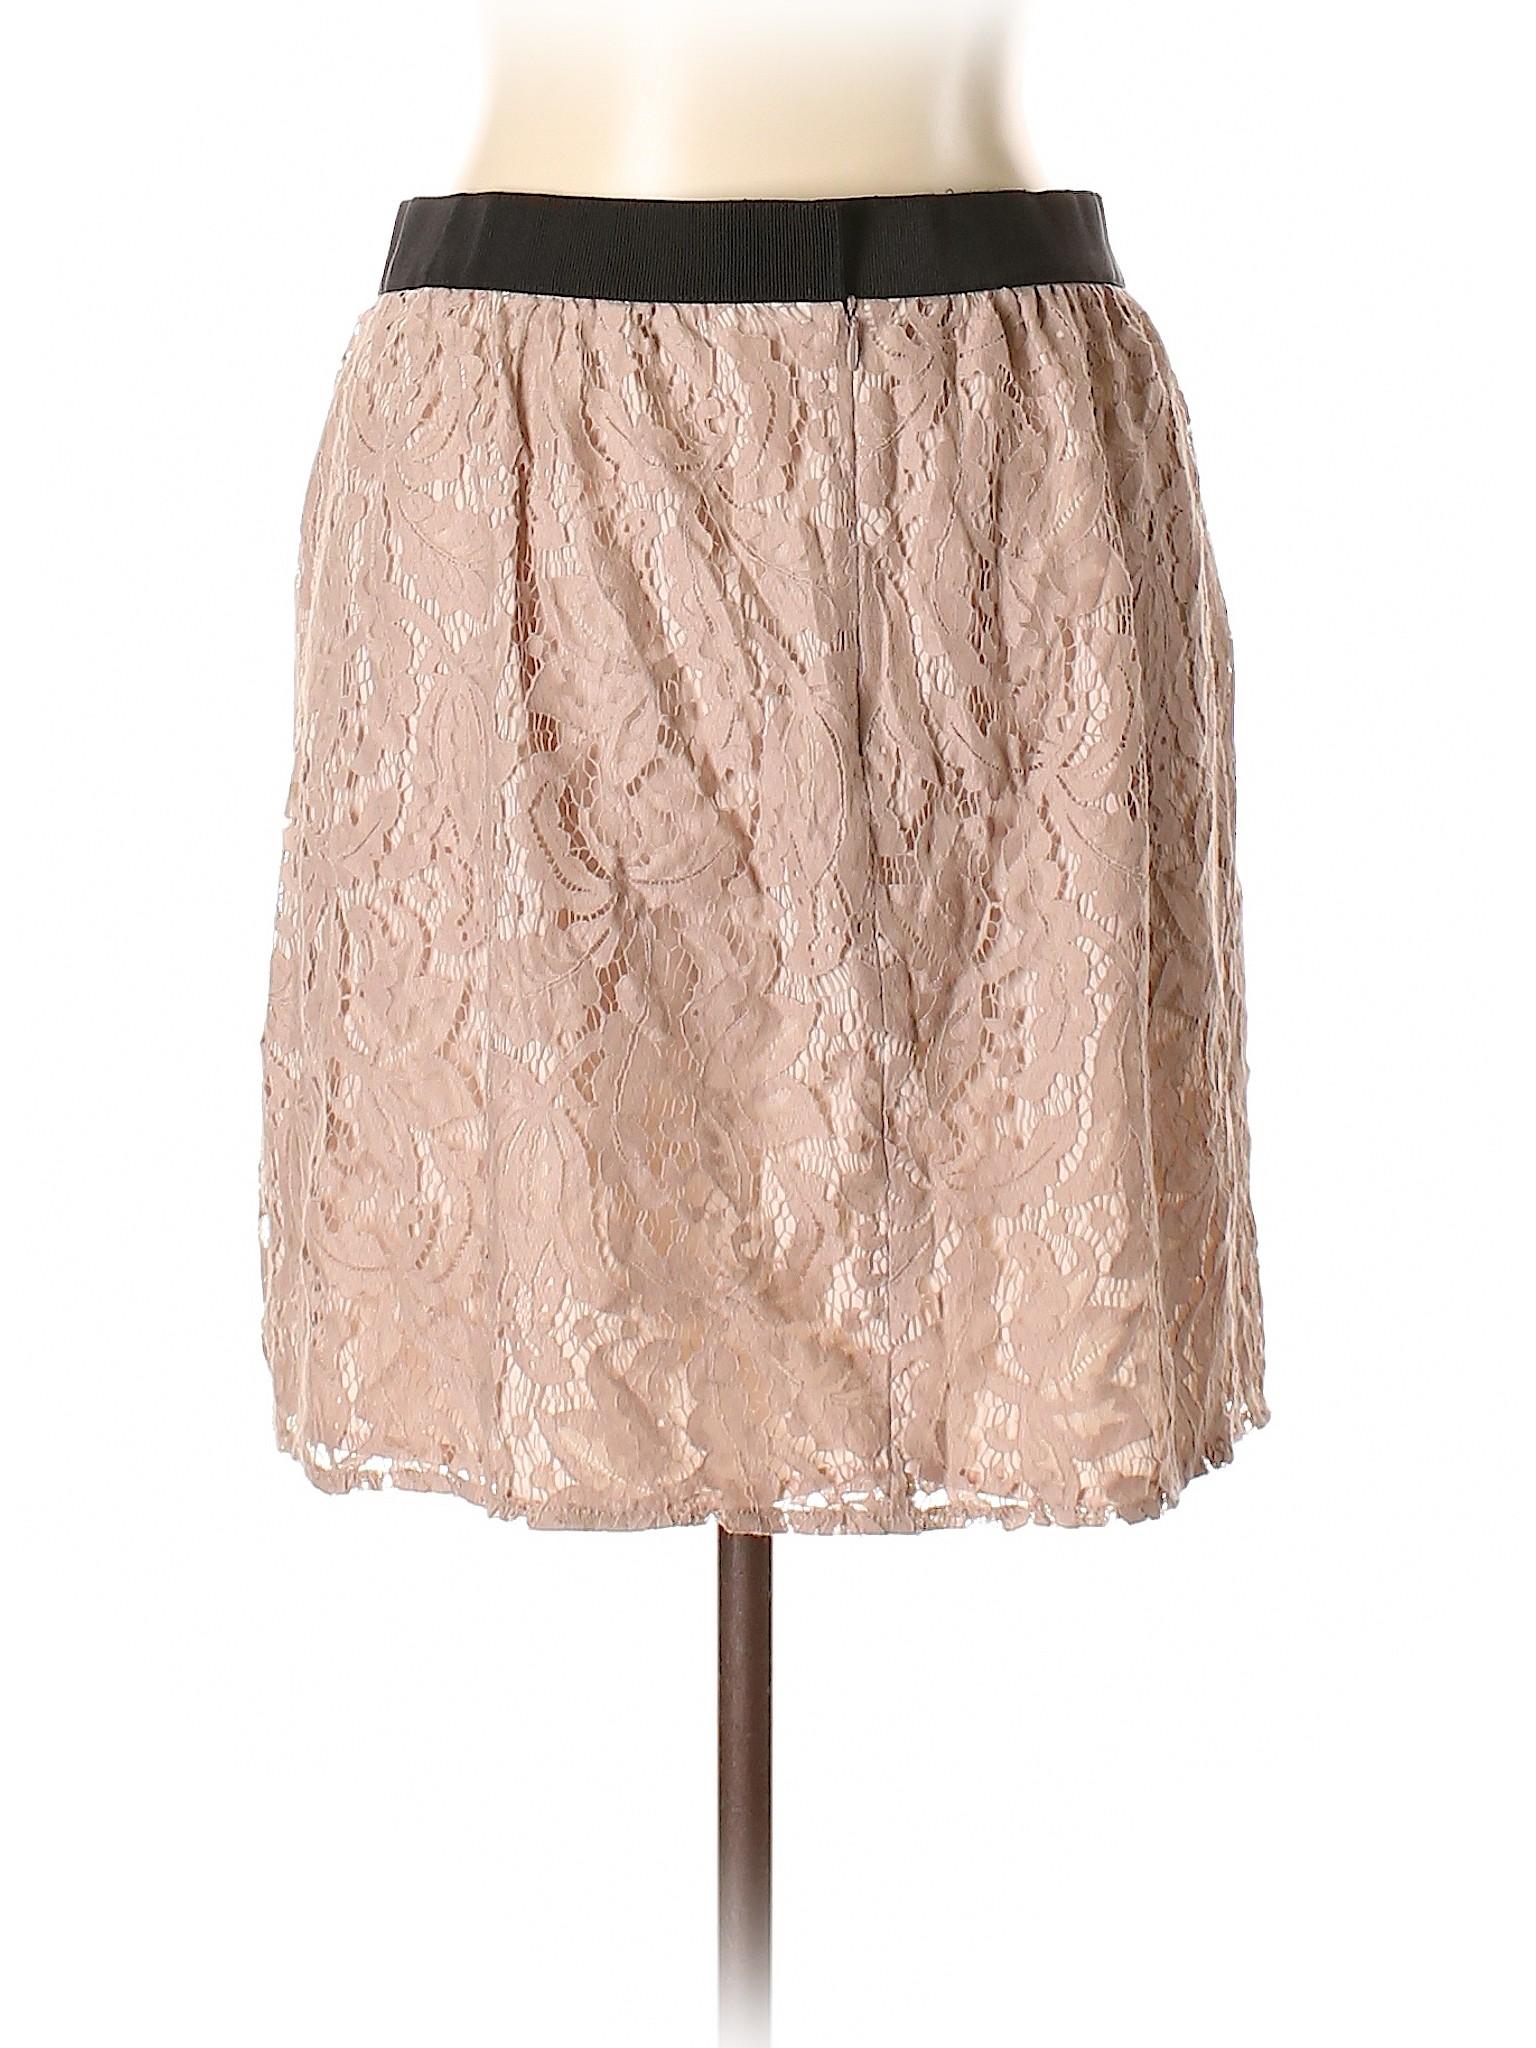 Boutique Casual Boutique Skirt Skirt Boutique Casual Casual SPx55qnTZ